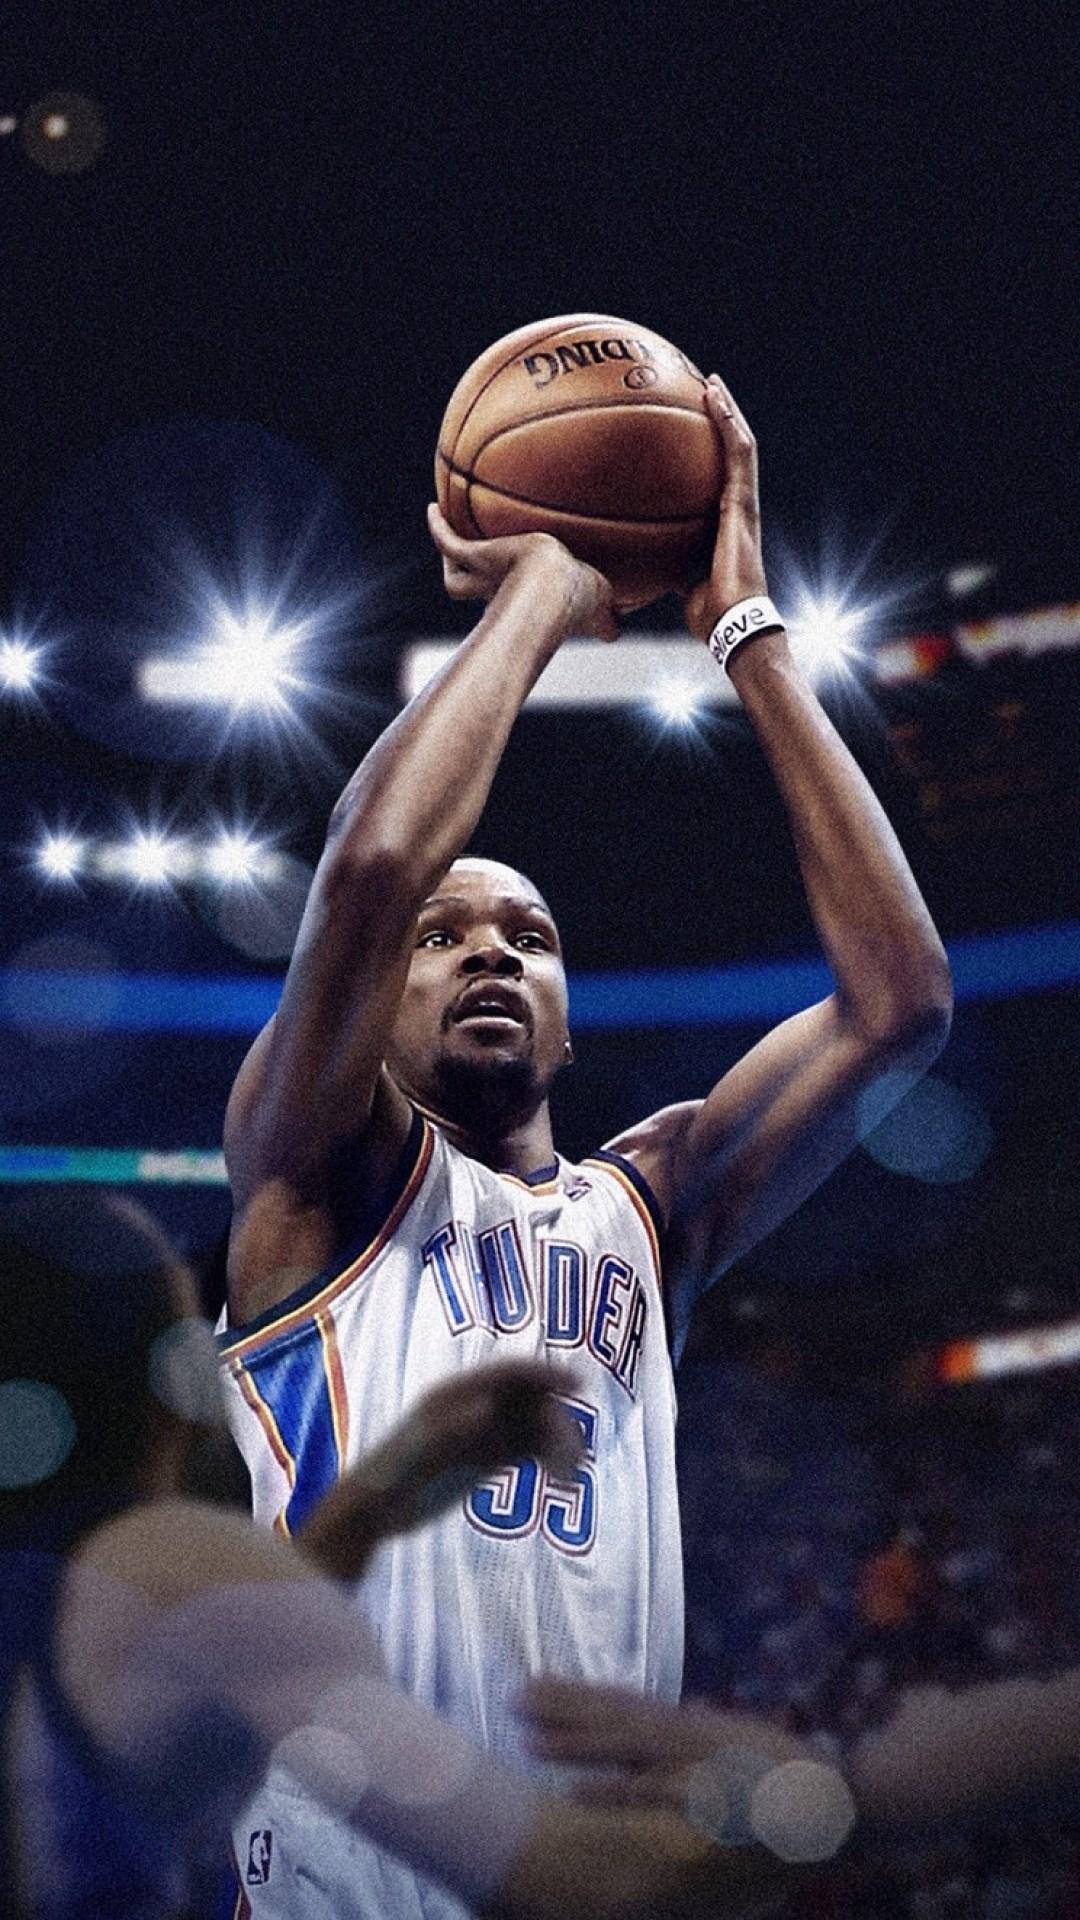 科比 篮球 运动员 黑白 苹果手机高清壁纸 1080x1920